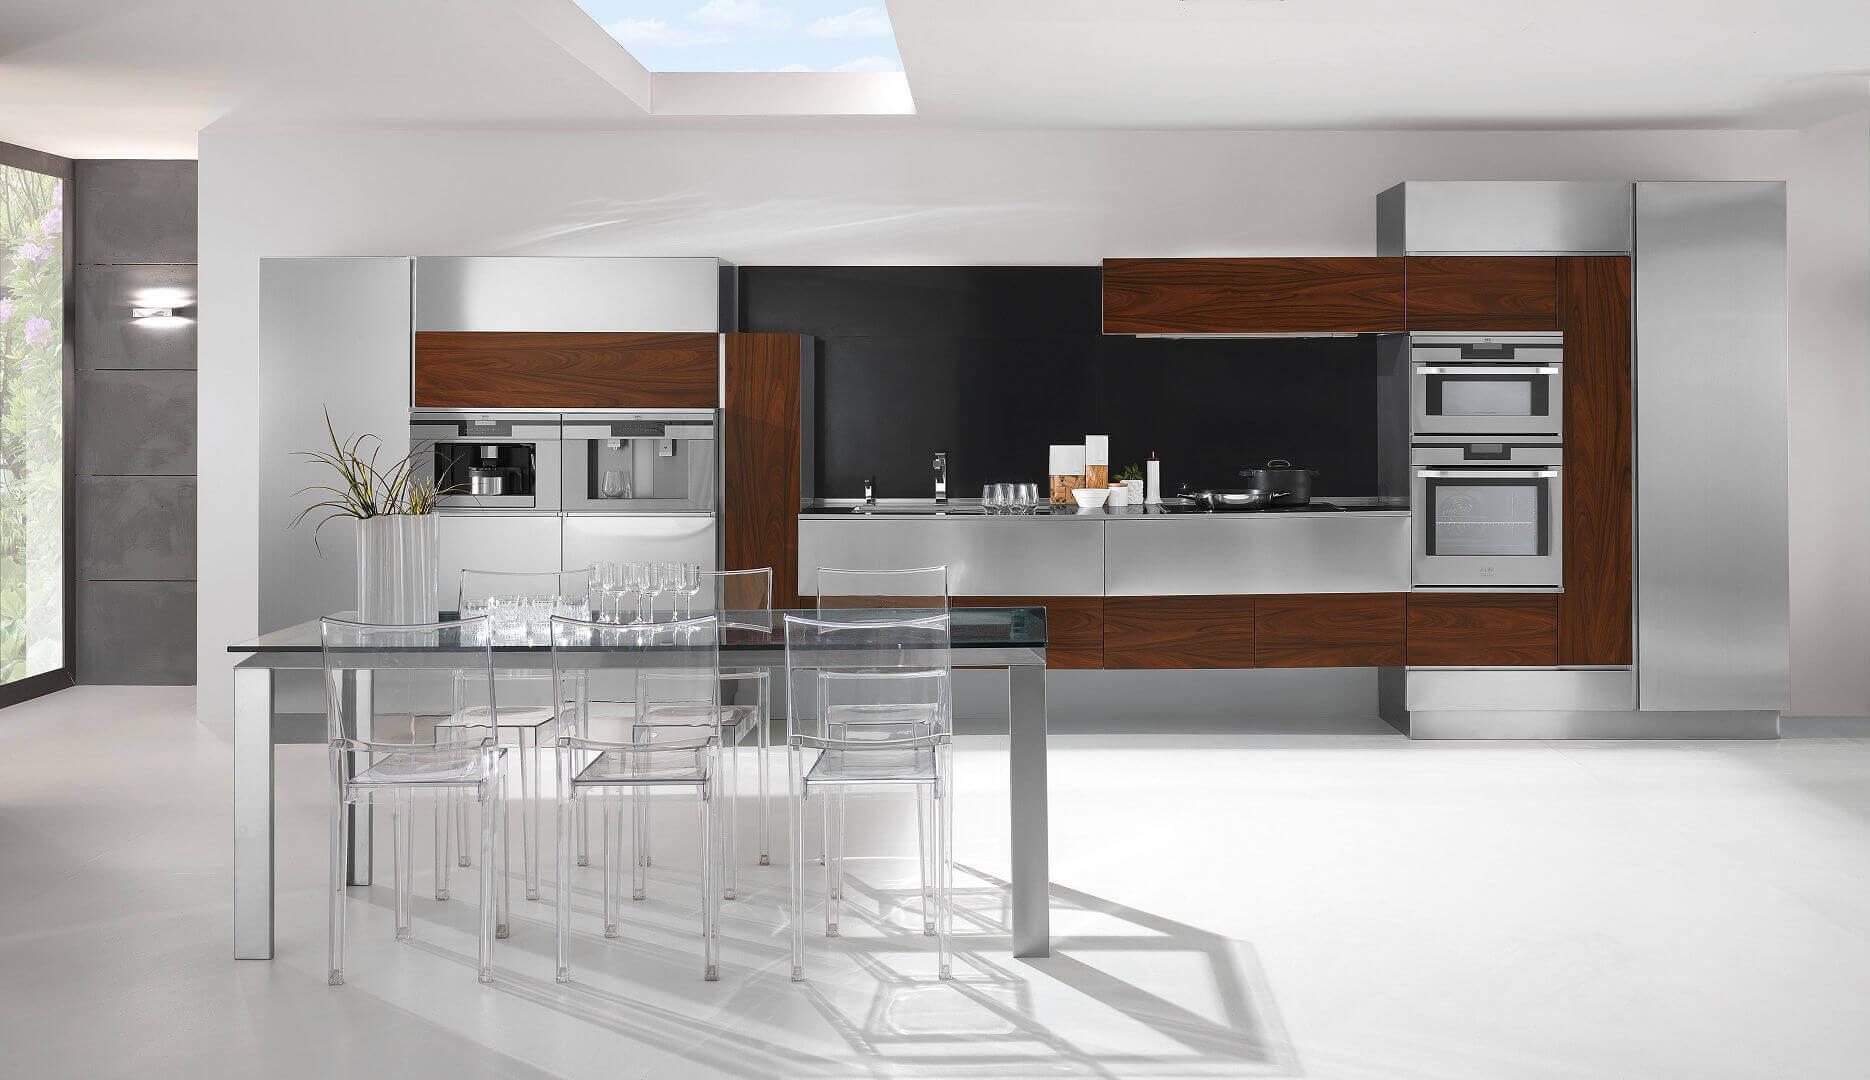 Paraschizzi cucina acciaio - Cucine senza elettrodomestici ...